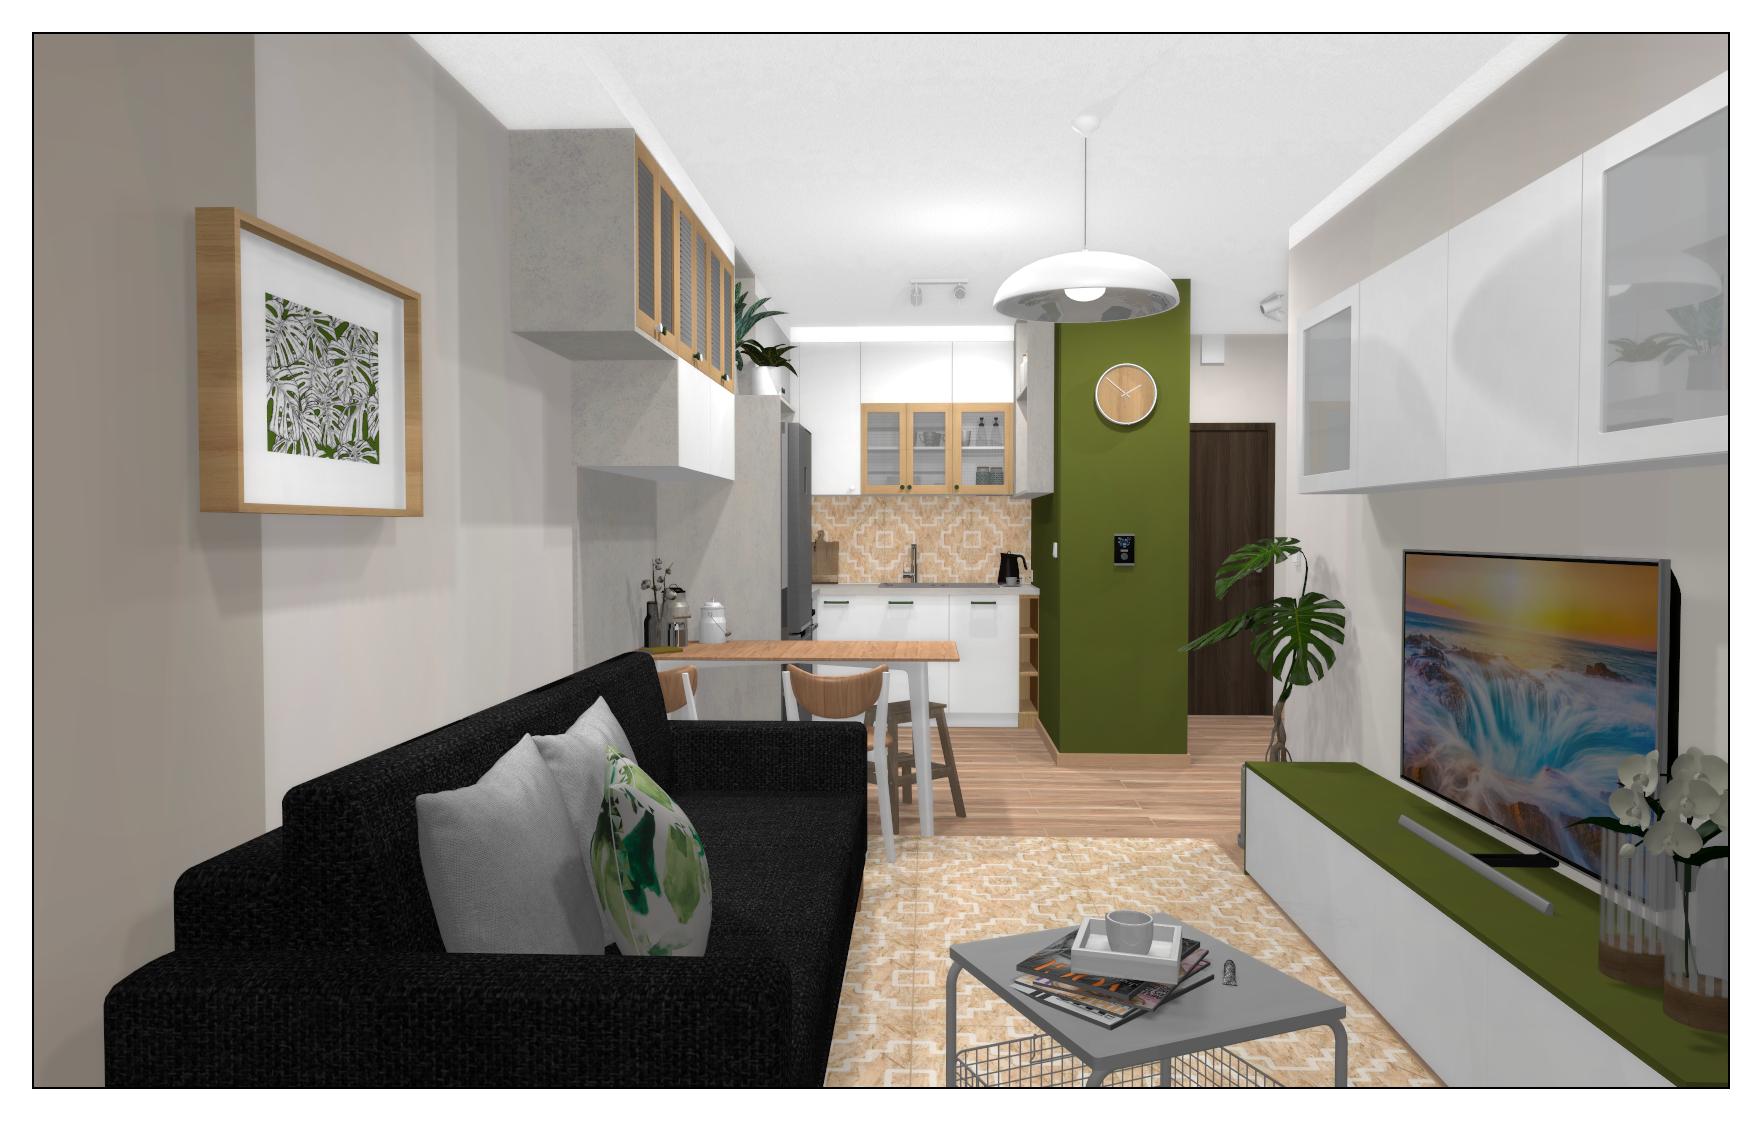 Wynajem mieszkania Rzeszów- NOWE, LUKSUSOWE Z GARAŻEM I KOMÓRKĄ Rzeszów - zdjęcie 2